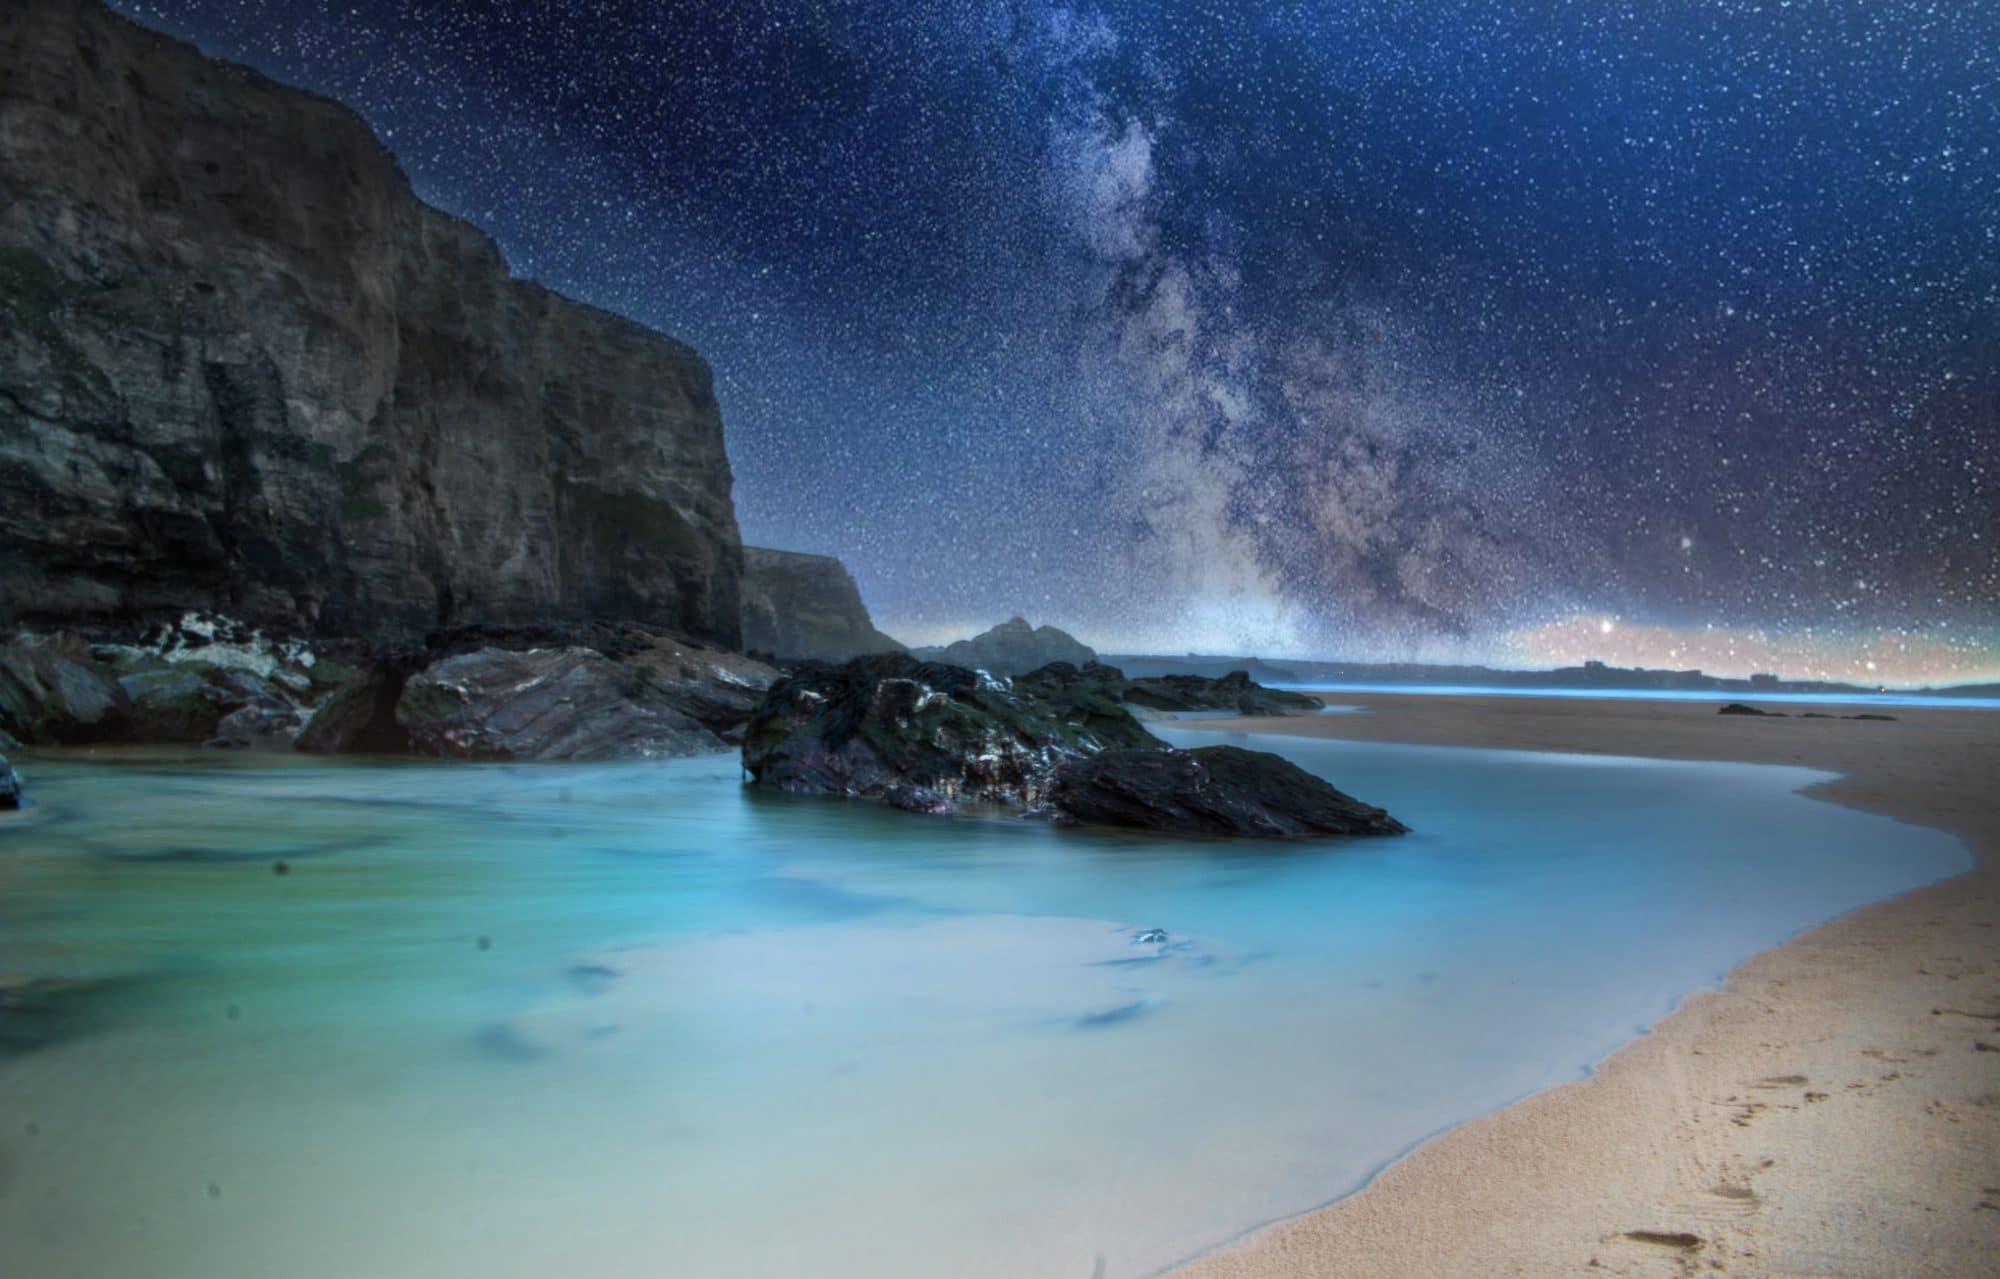 Milky Way over sea rocks